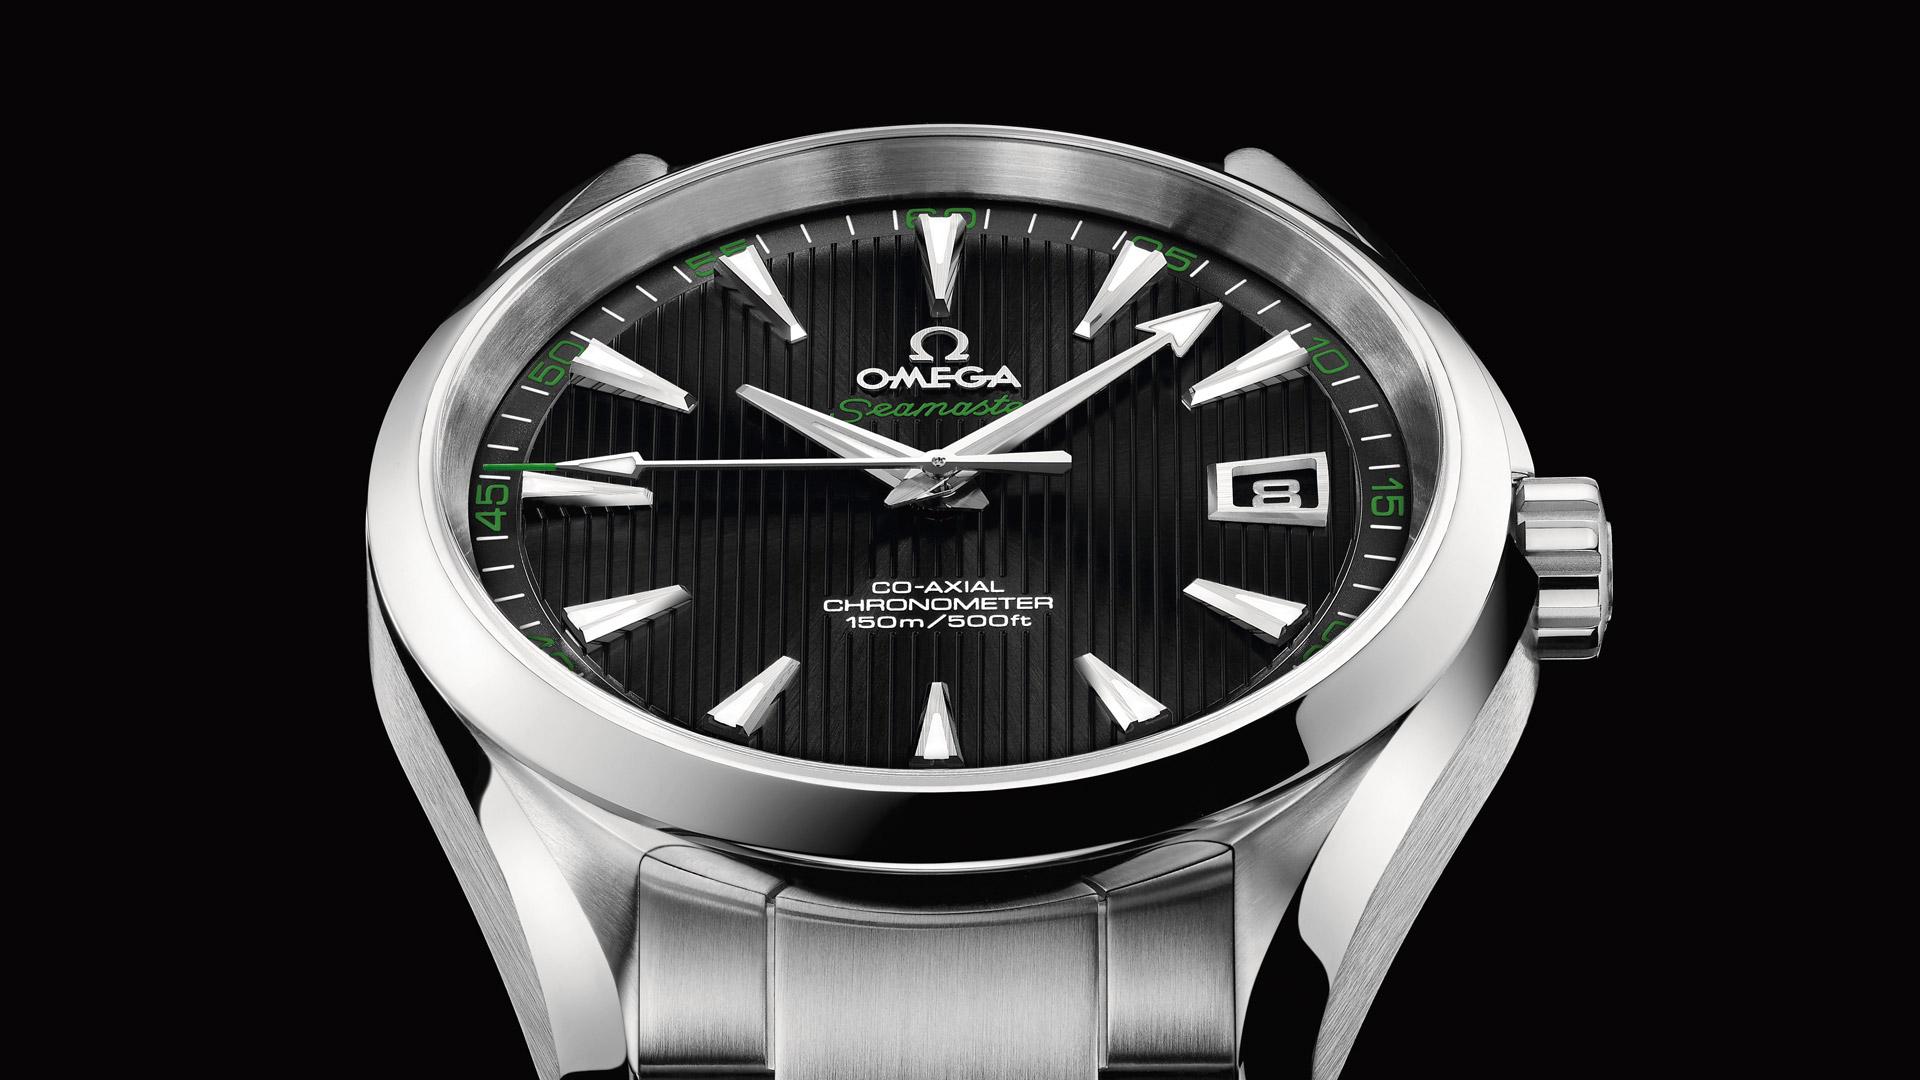 Omega   The Watches Guru 1920x1080